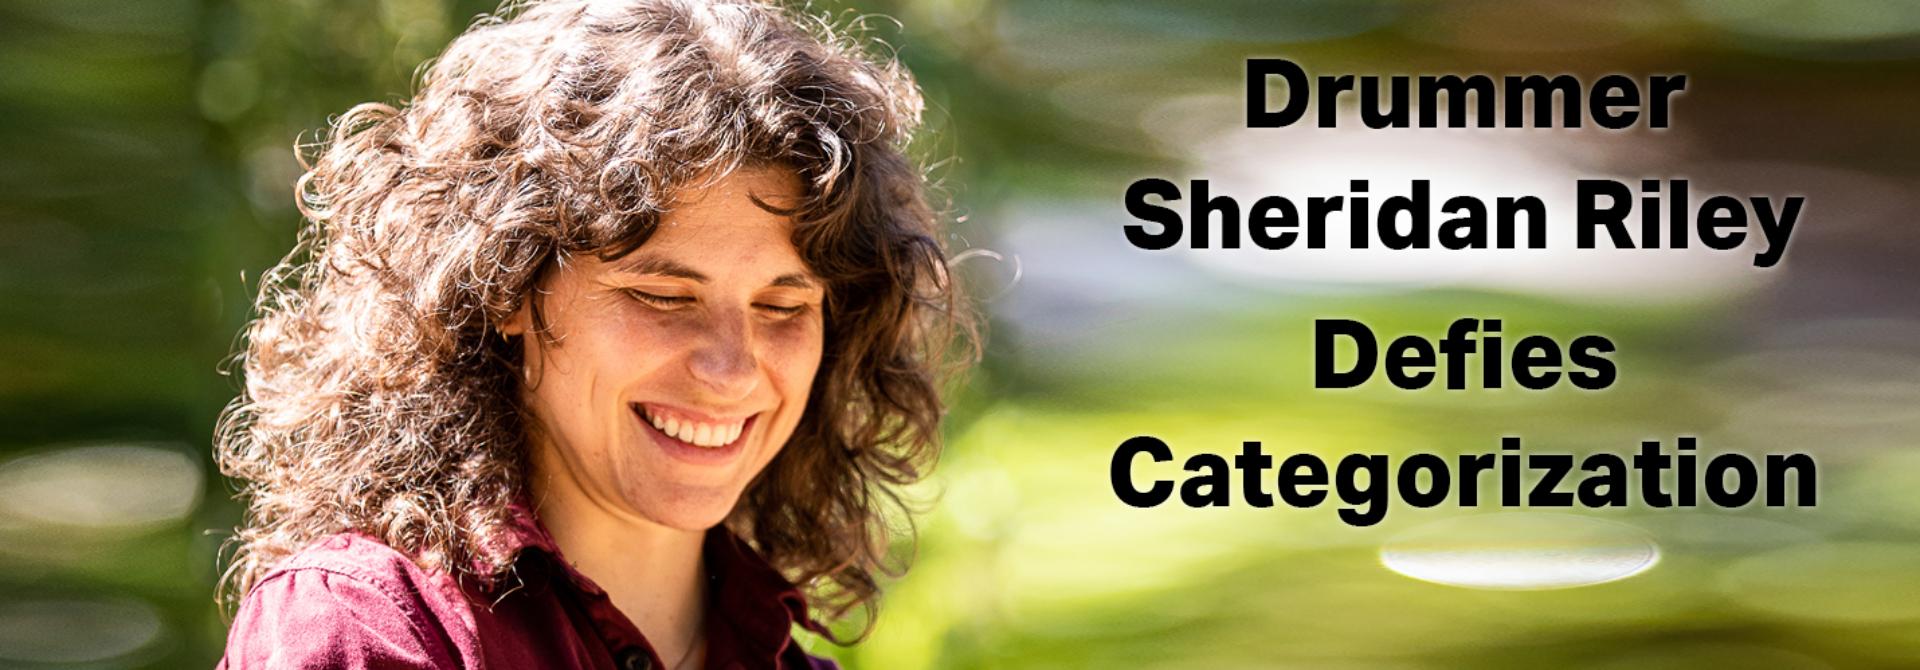 Sheridan Riley Seattle Music Drummer Jazz Rock Defies Categorization